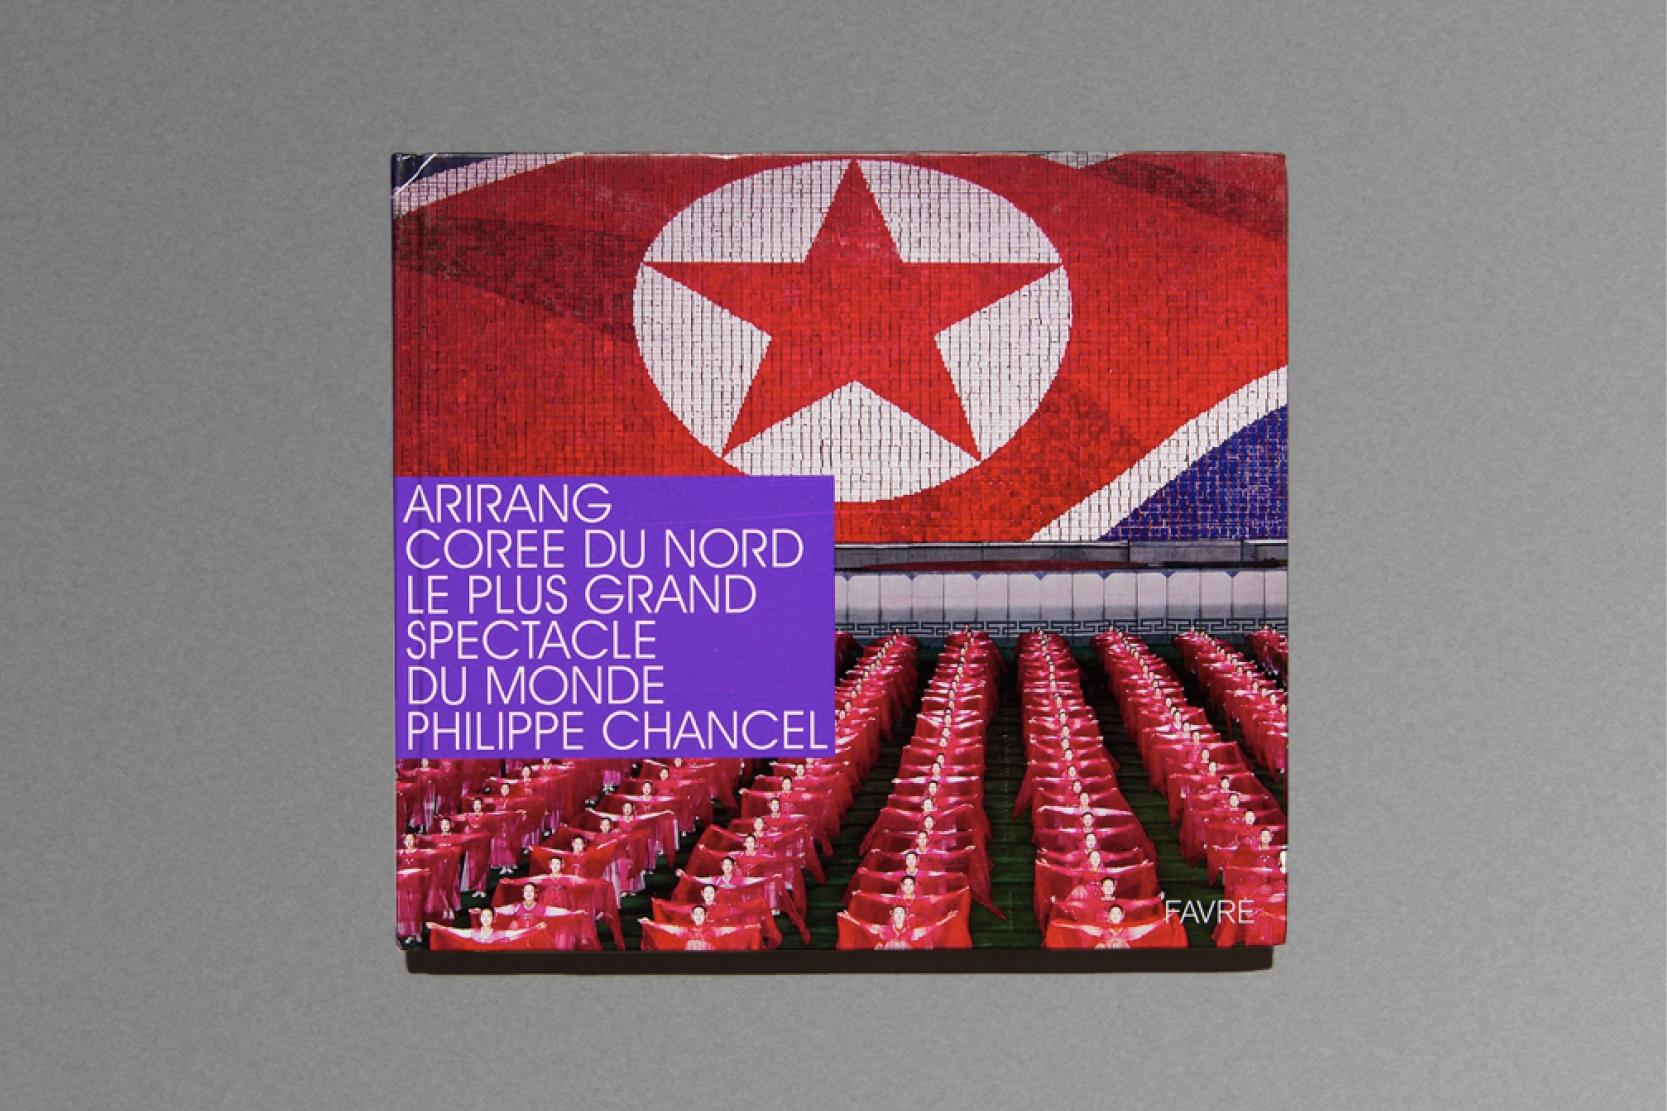 Arirang, Corée du Nord, le plus grand spectacle du monde, Philippe Chancel ,Editions Favre.